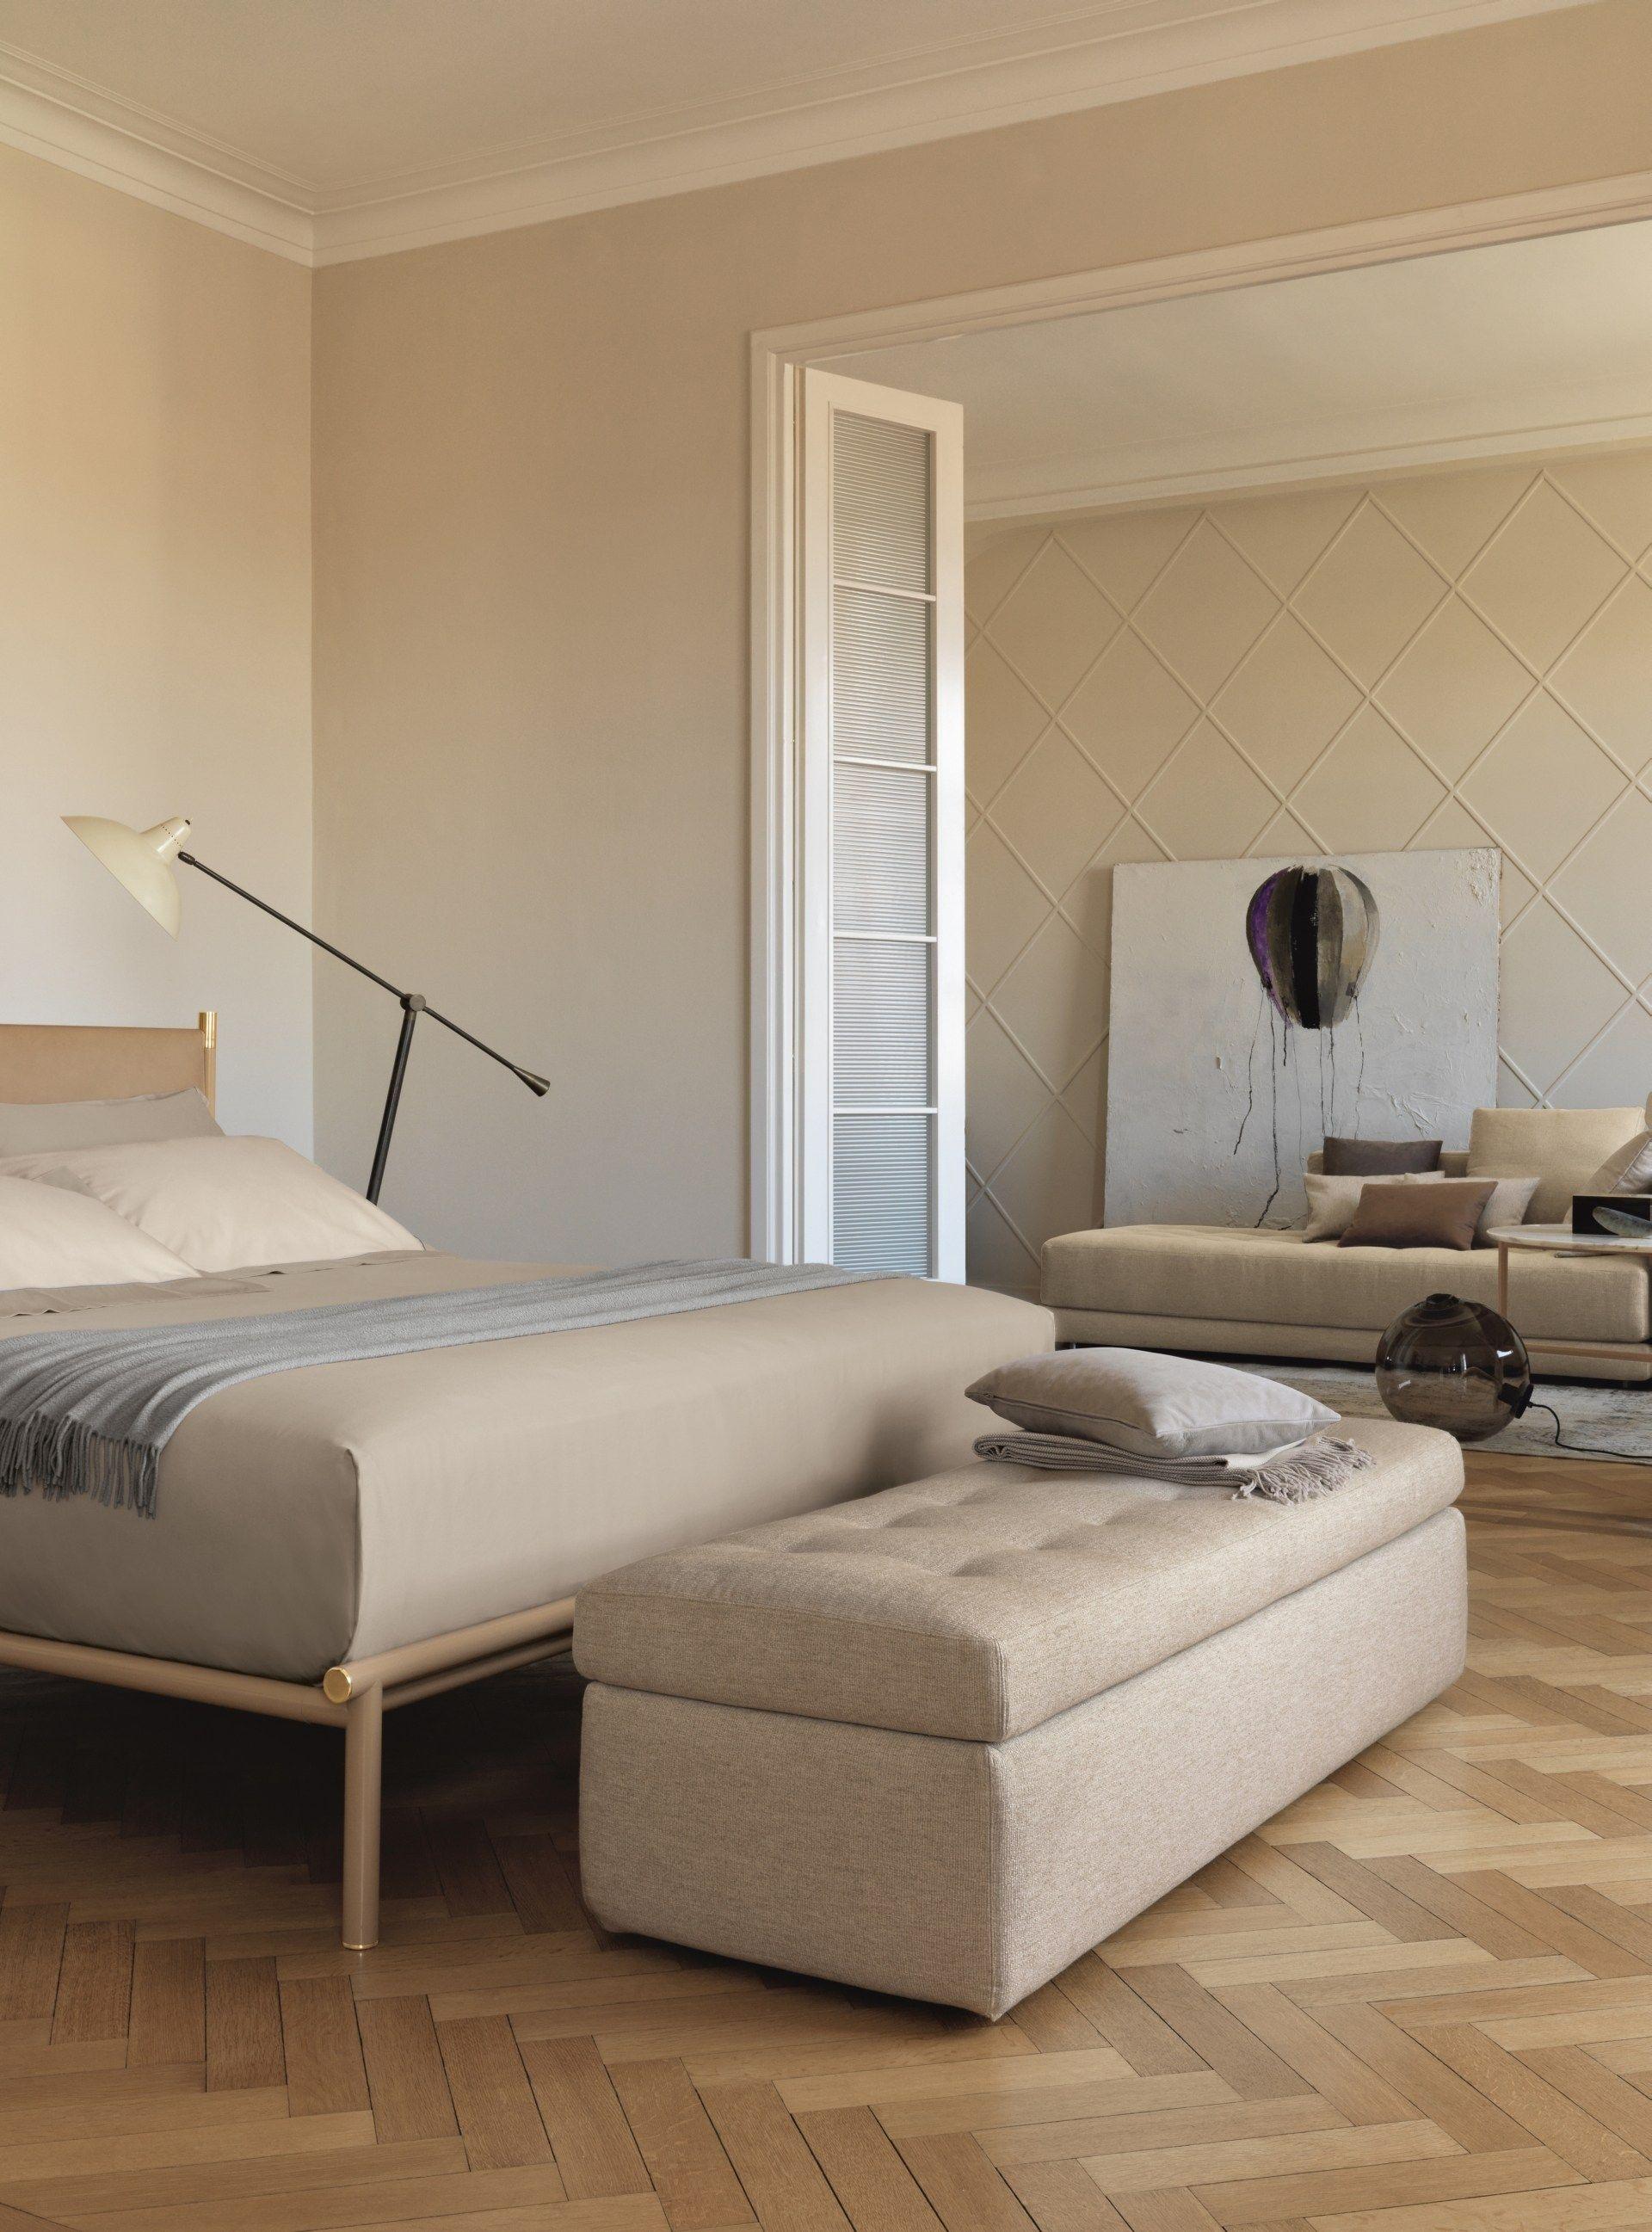 Camera Da Letto Flou: Showroom letti matrimoniali design salerno e ...